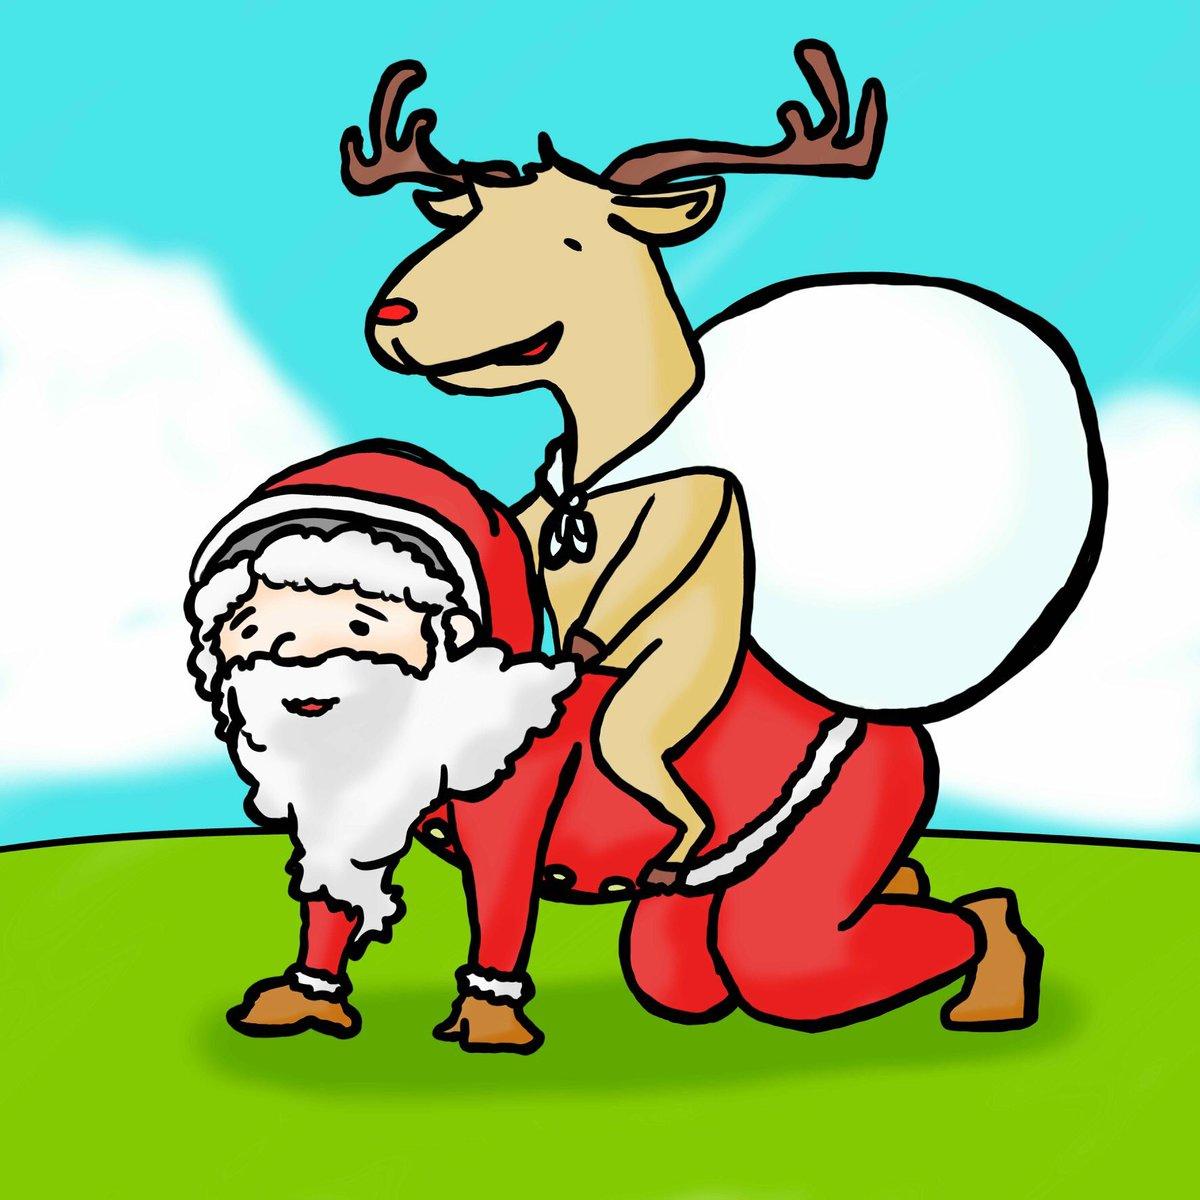 最近リクエストで描かせてもらったやつ  1枚目 元同僚 クリスマス的な何か  2枚目...